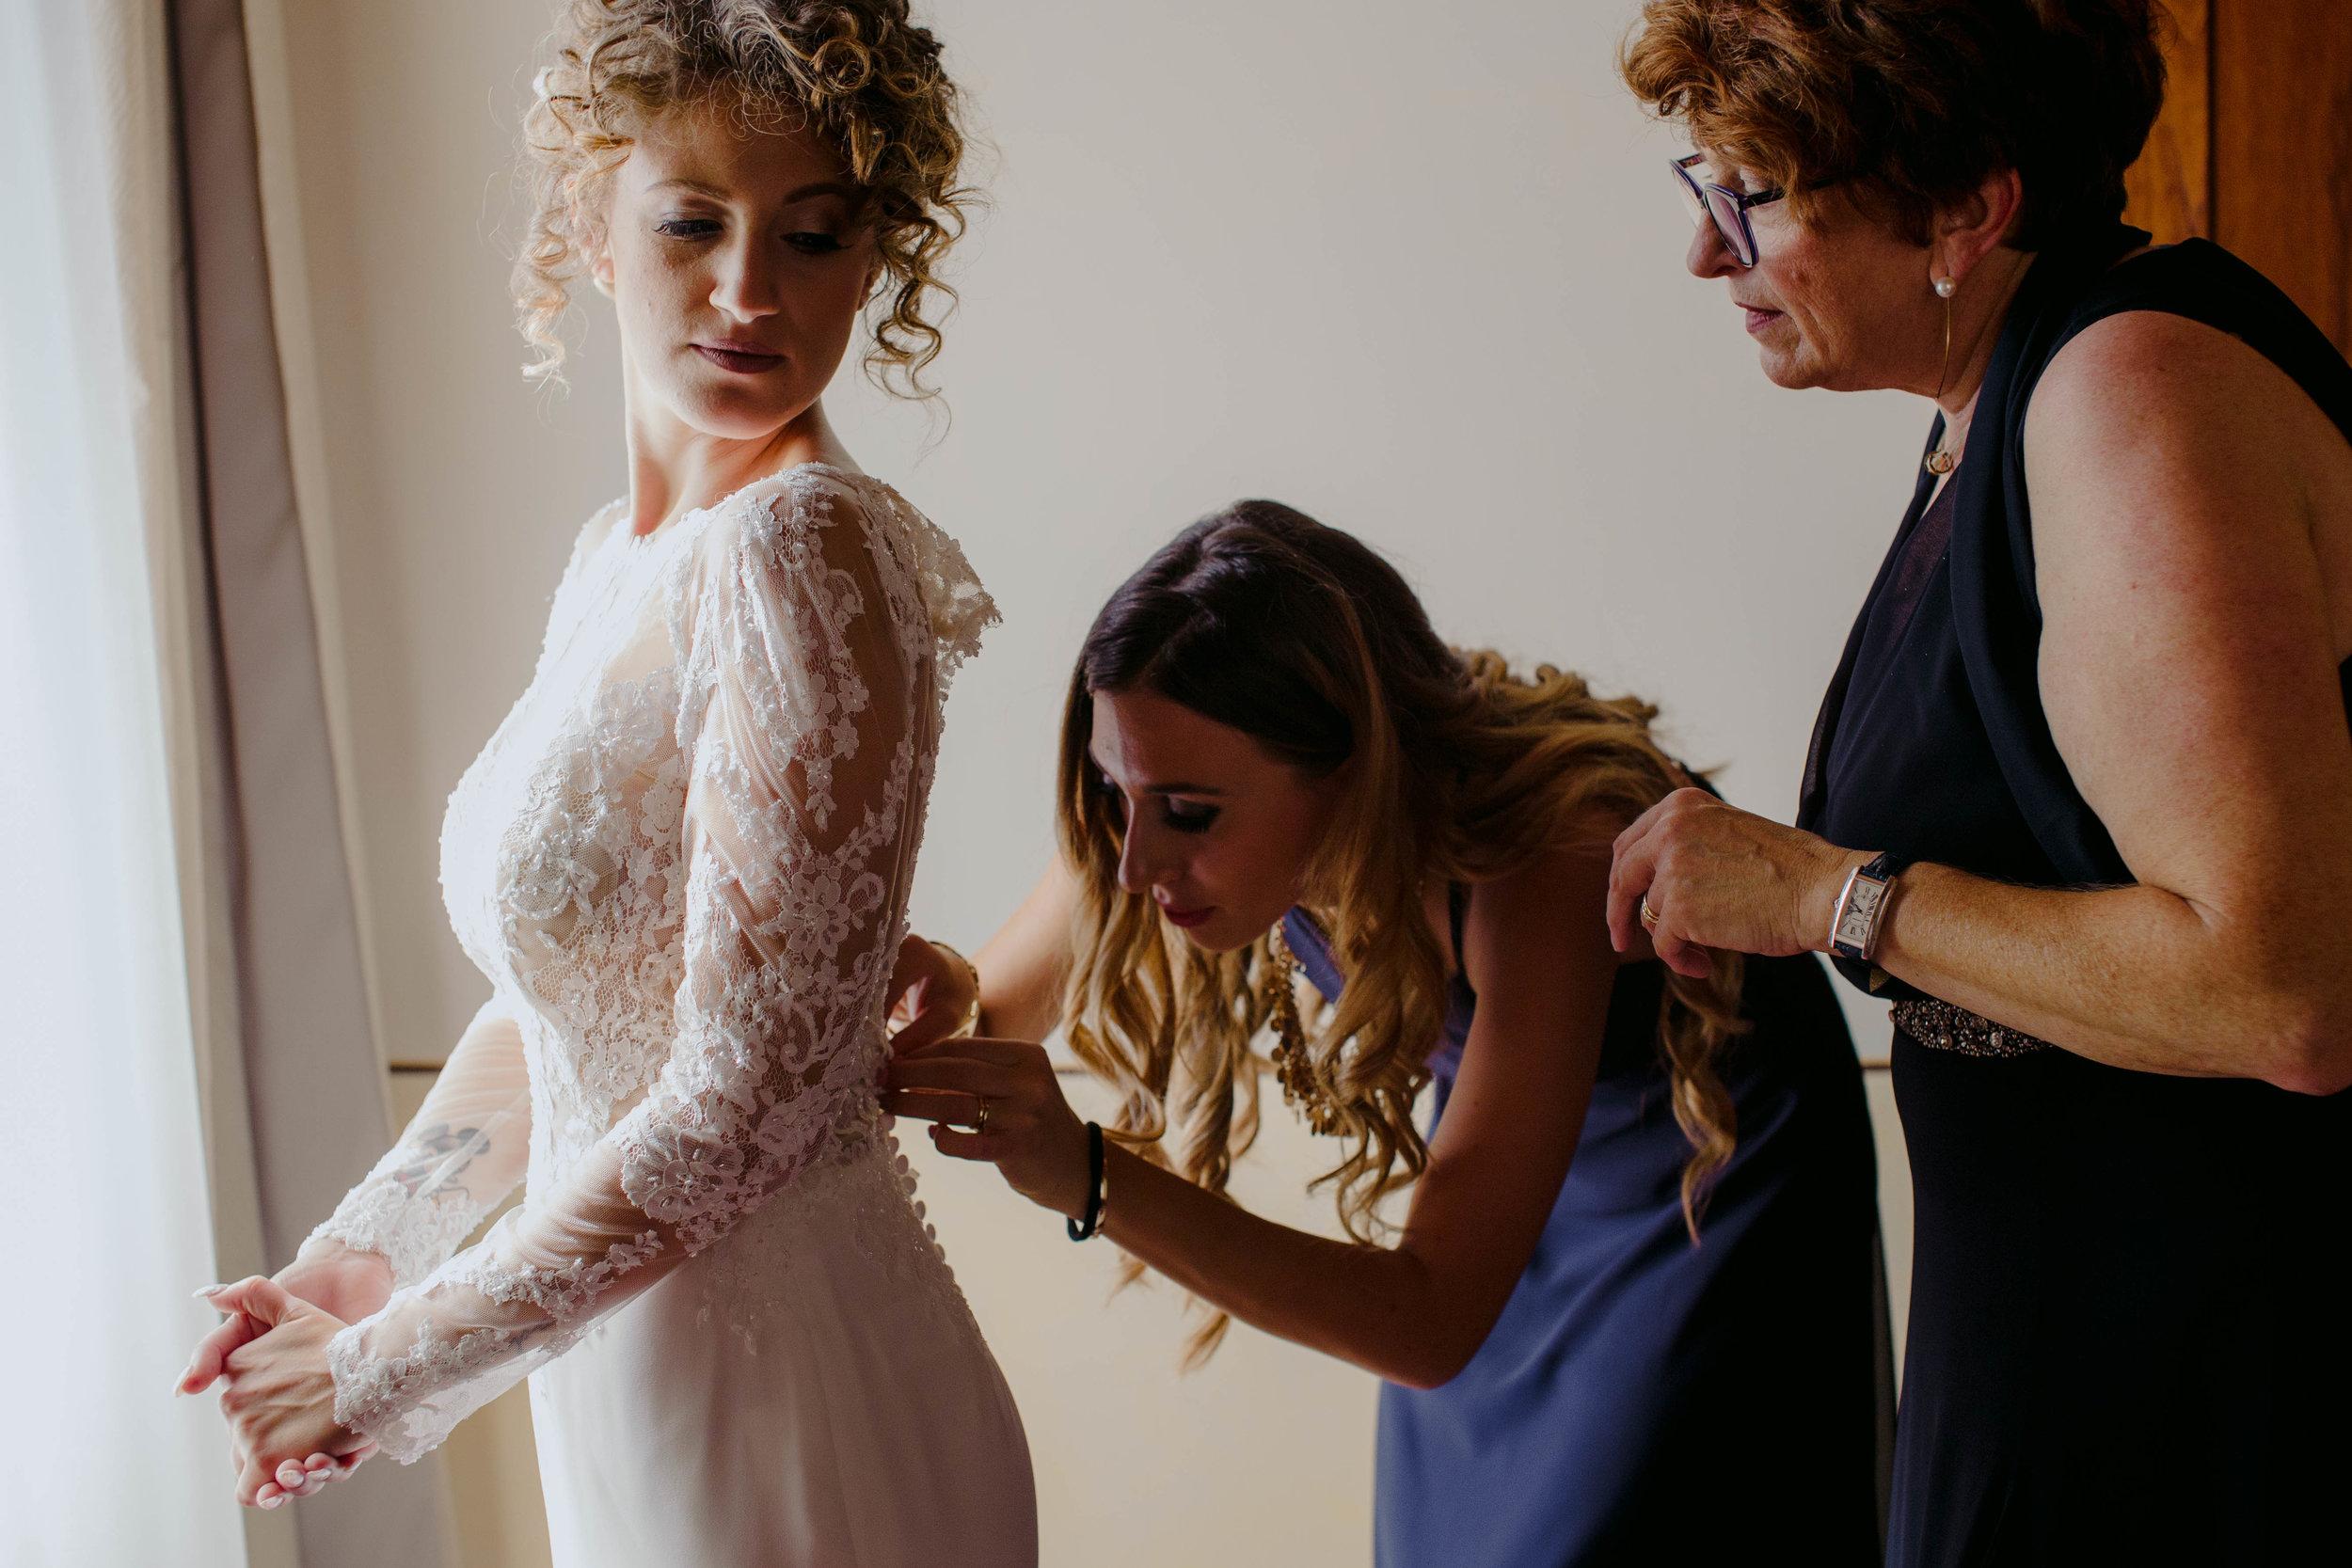 019 - Preparazione sposa.JPG